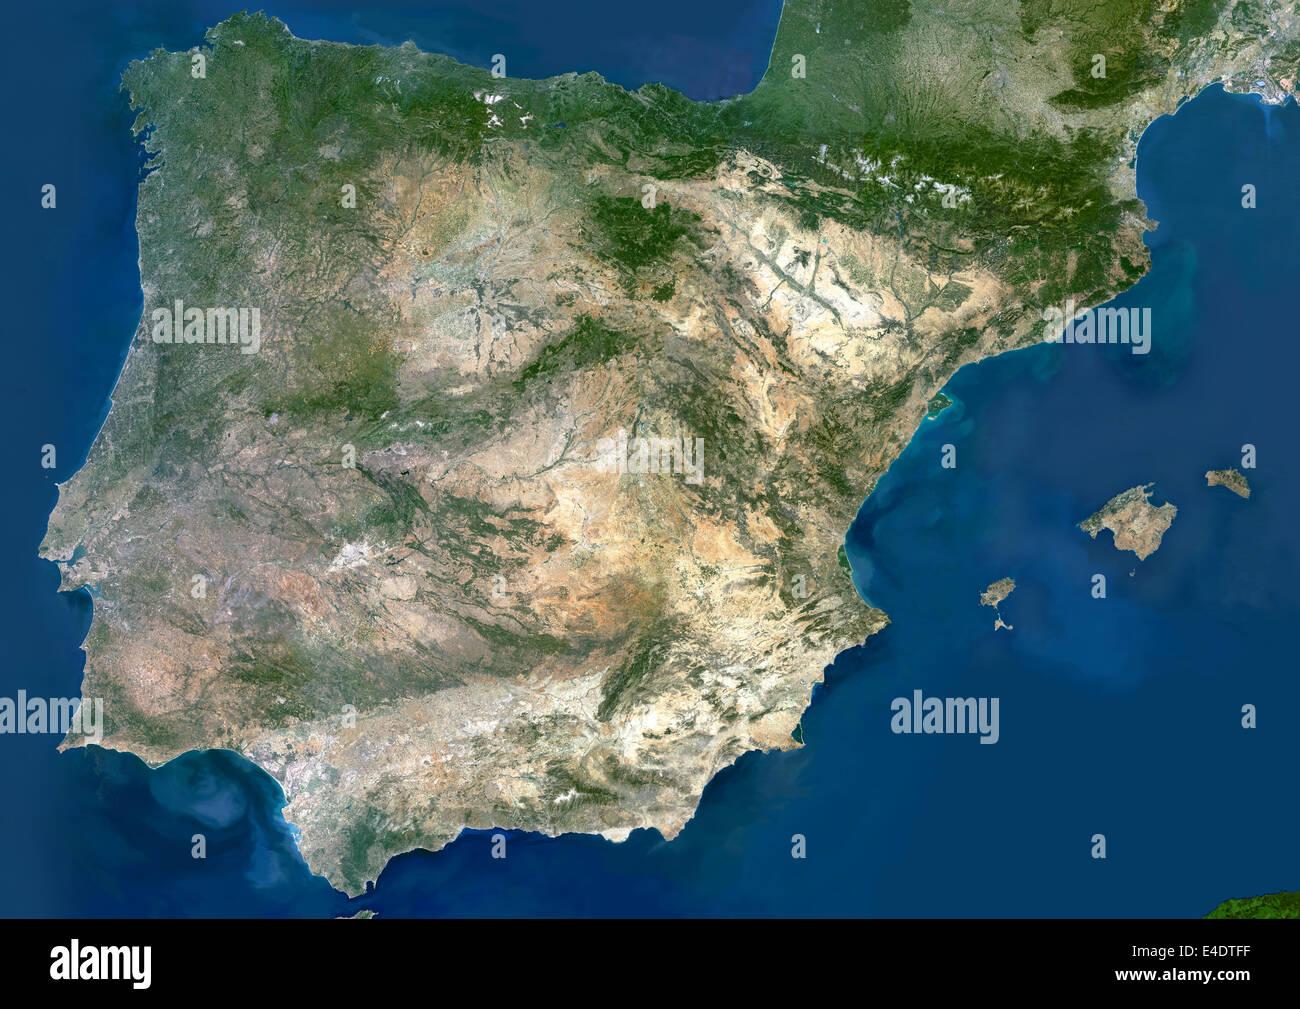 Espana Imagen De Satelite De Color Verdadero Espana Imagen De